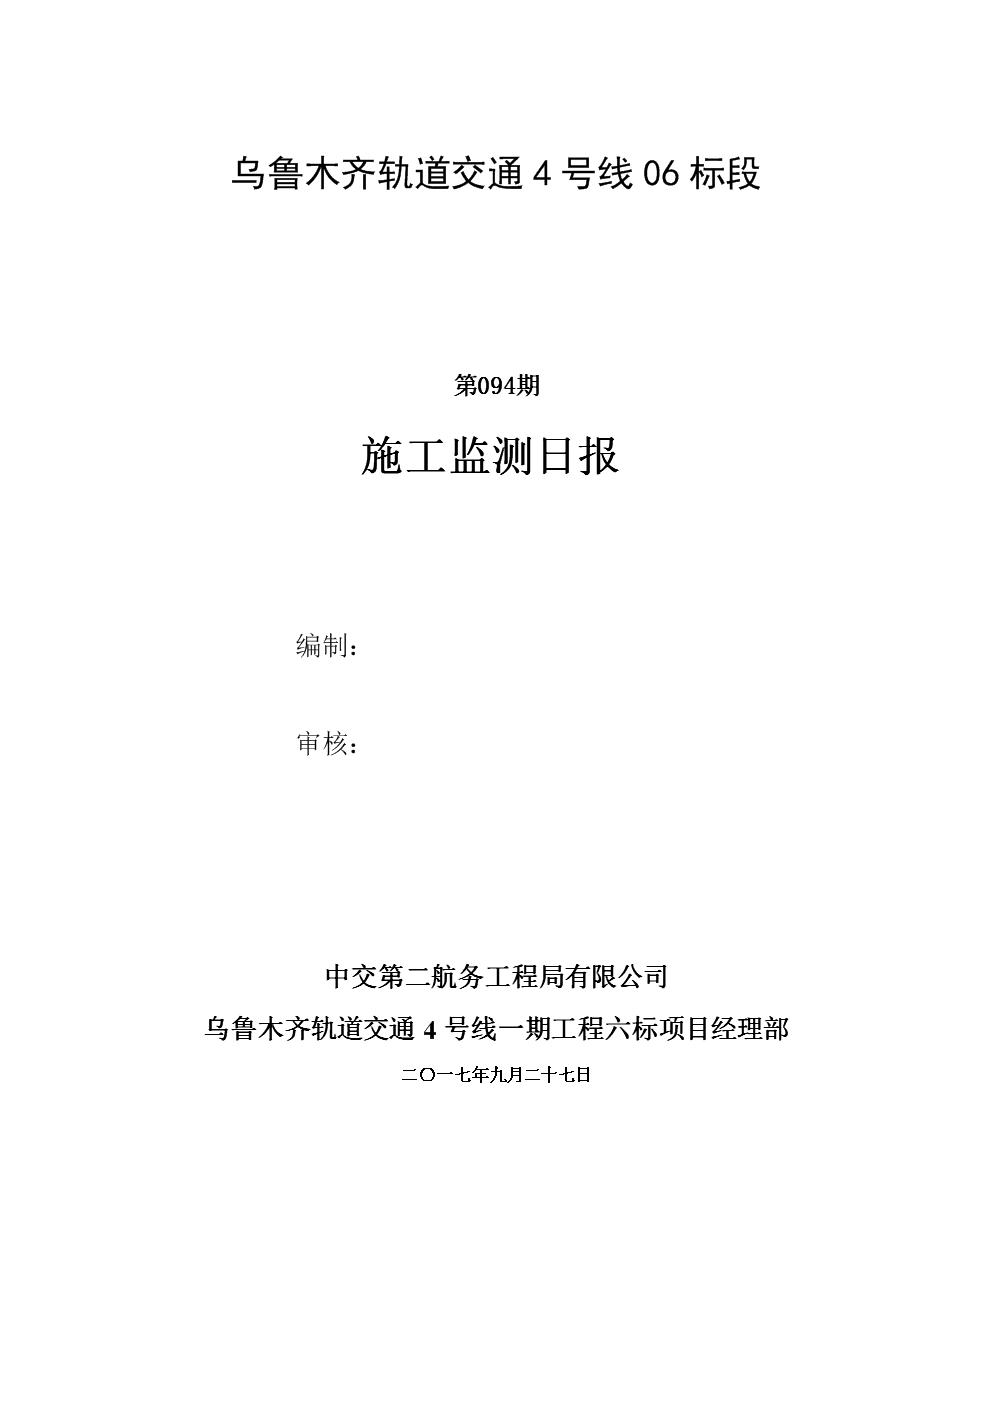 2017.09.27日报-土建06标施工监测第094期.doc